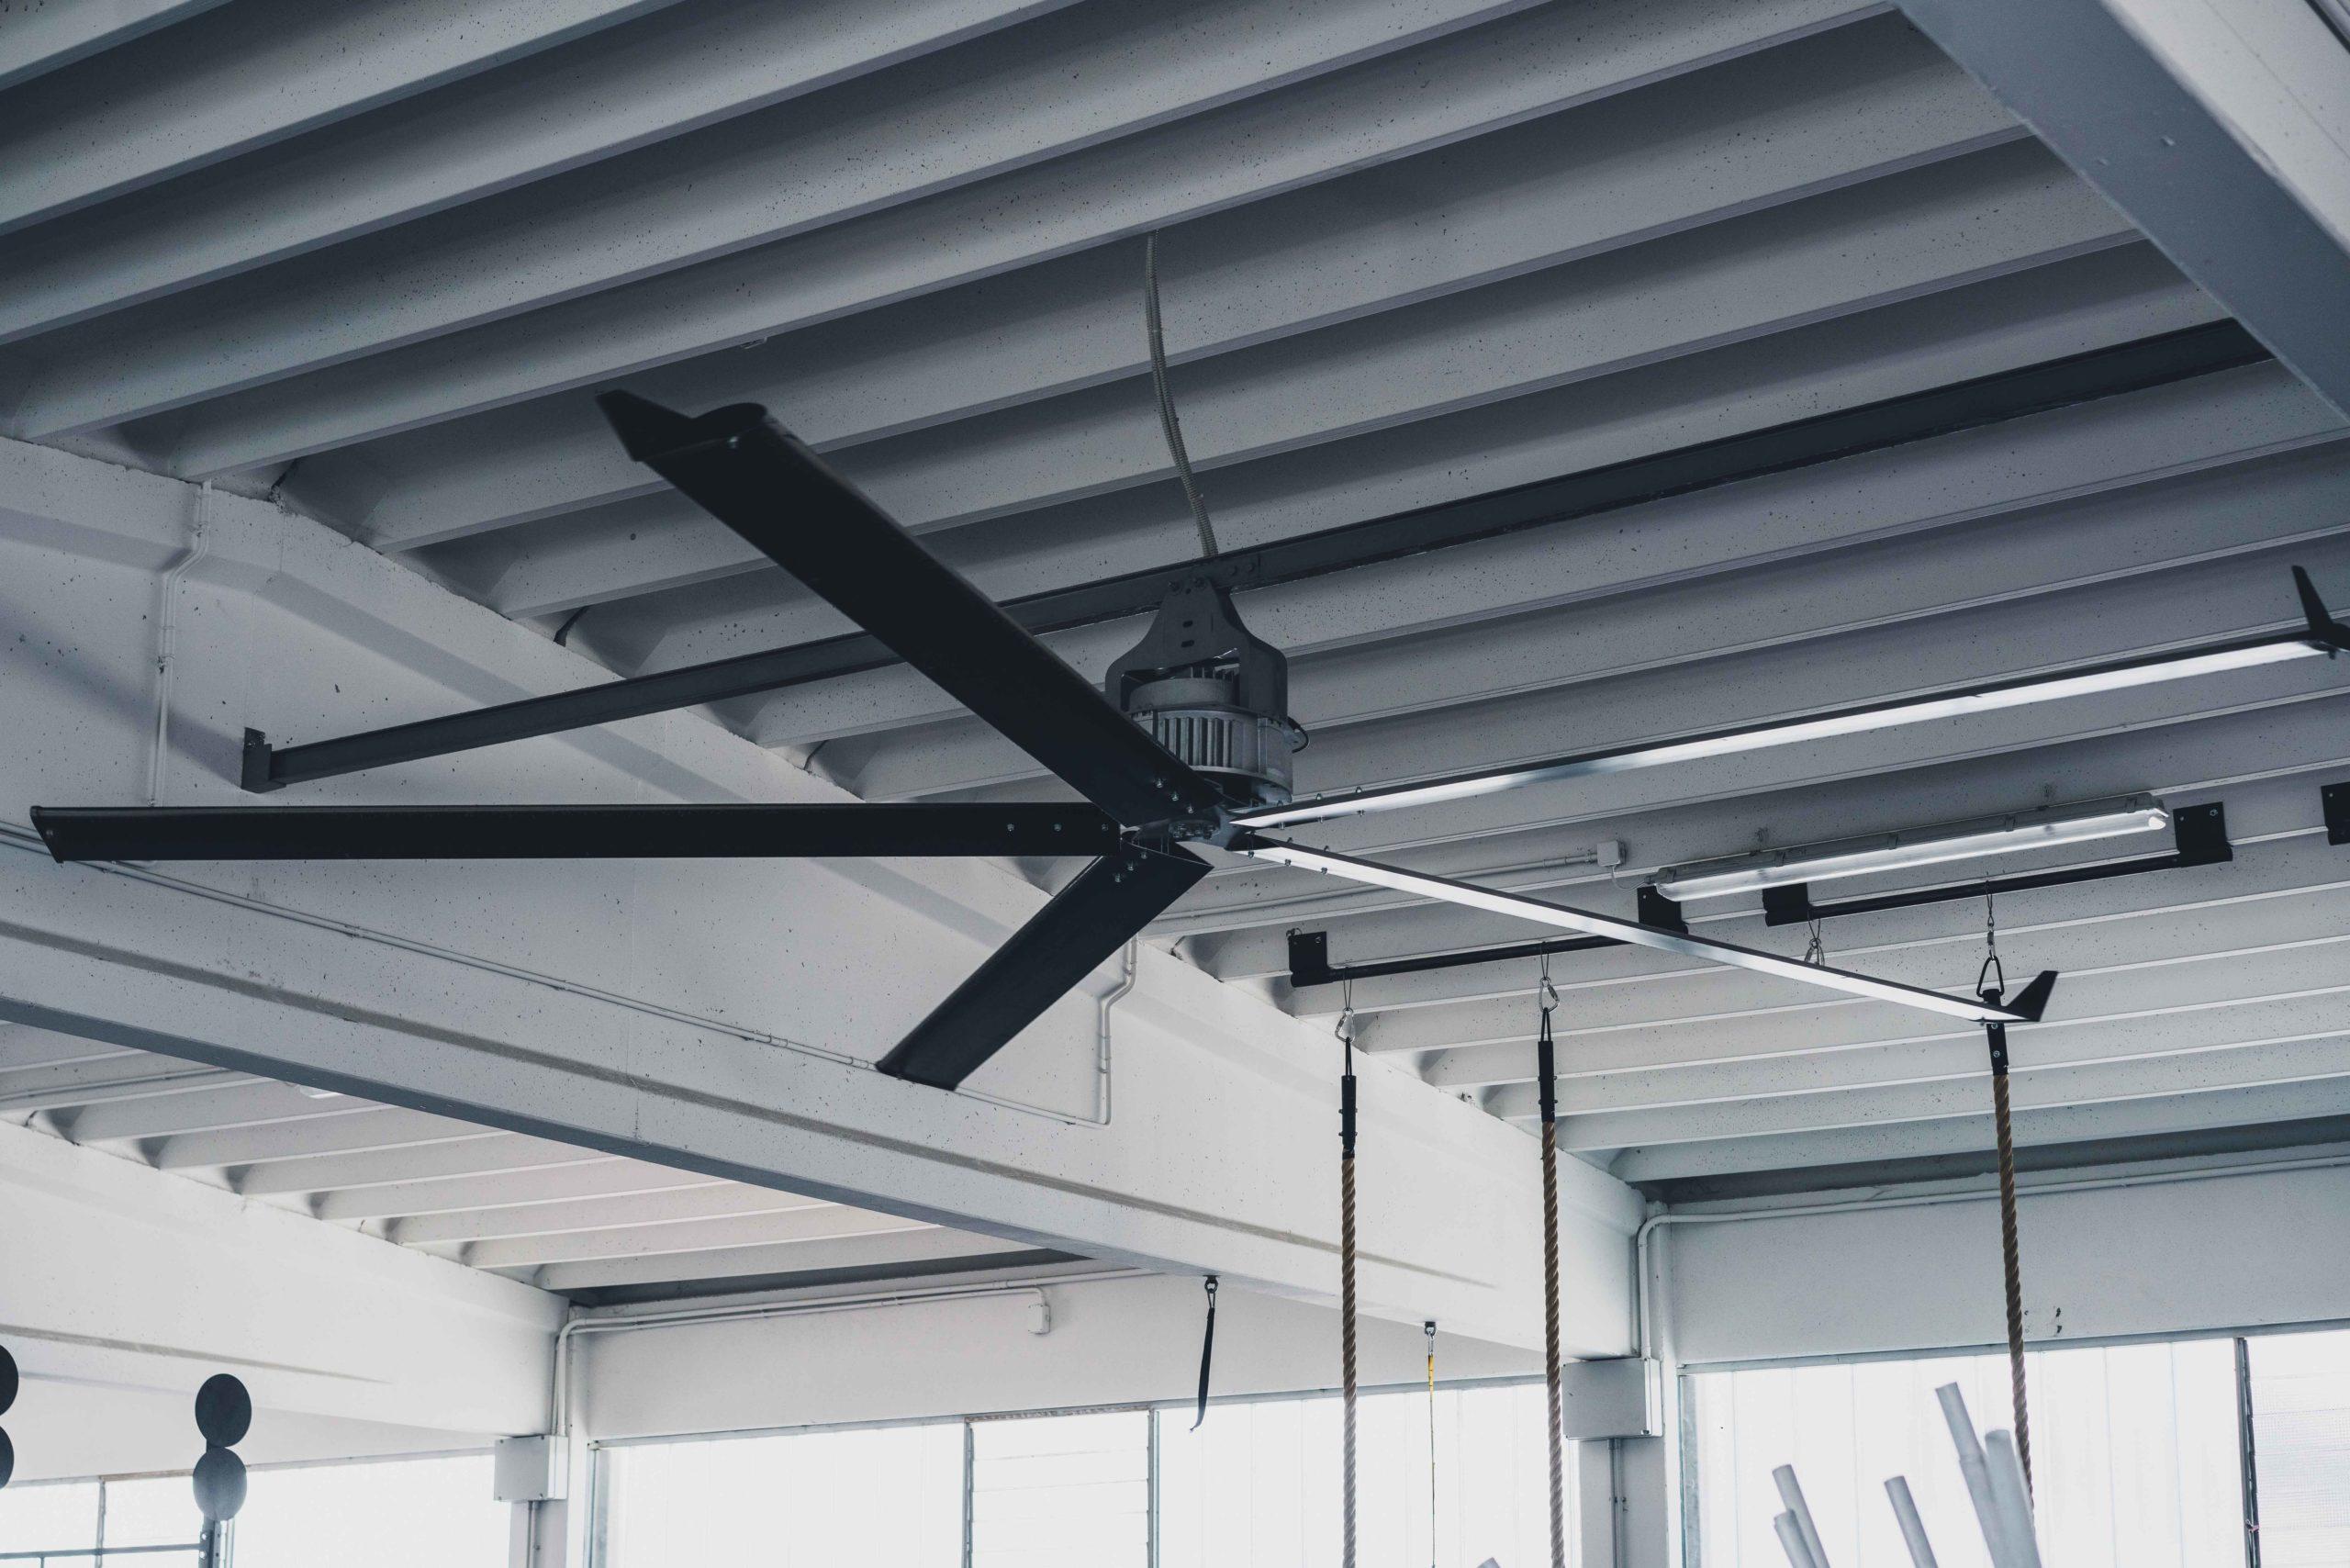 Optimvent® - Los mejores Ventiladores Industriales HVLS de techo - Ventiladores HVLS Optimvent - HVLS OptimVent scaled - Optimvent® - Los mejores Ventiladores Industriales HVLS de techo